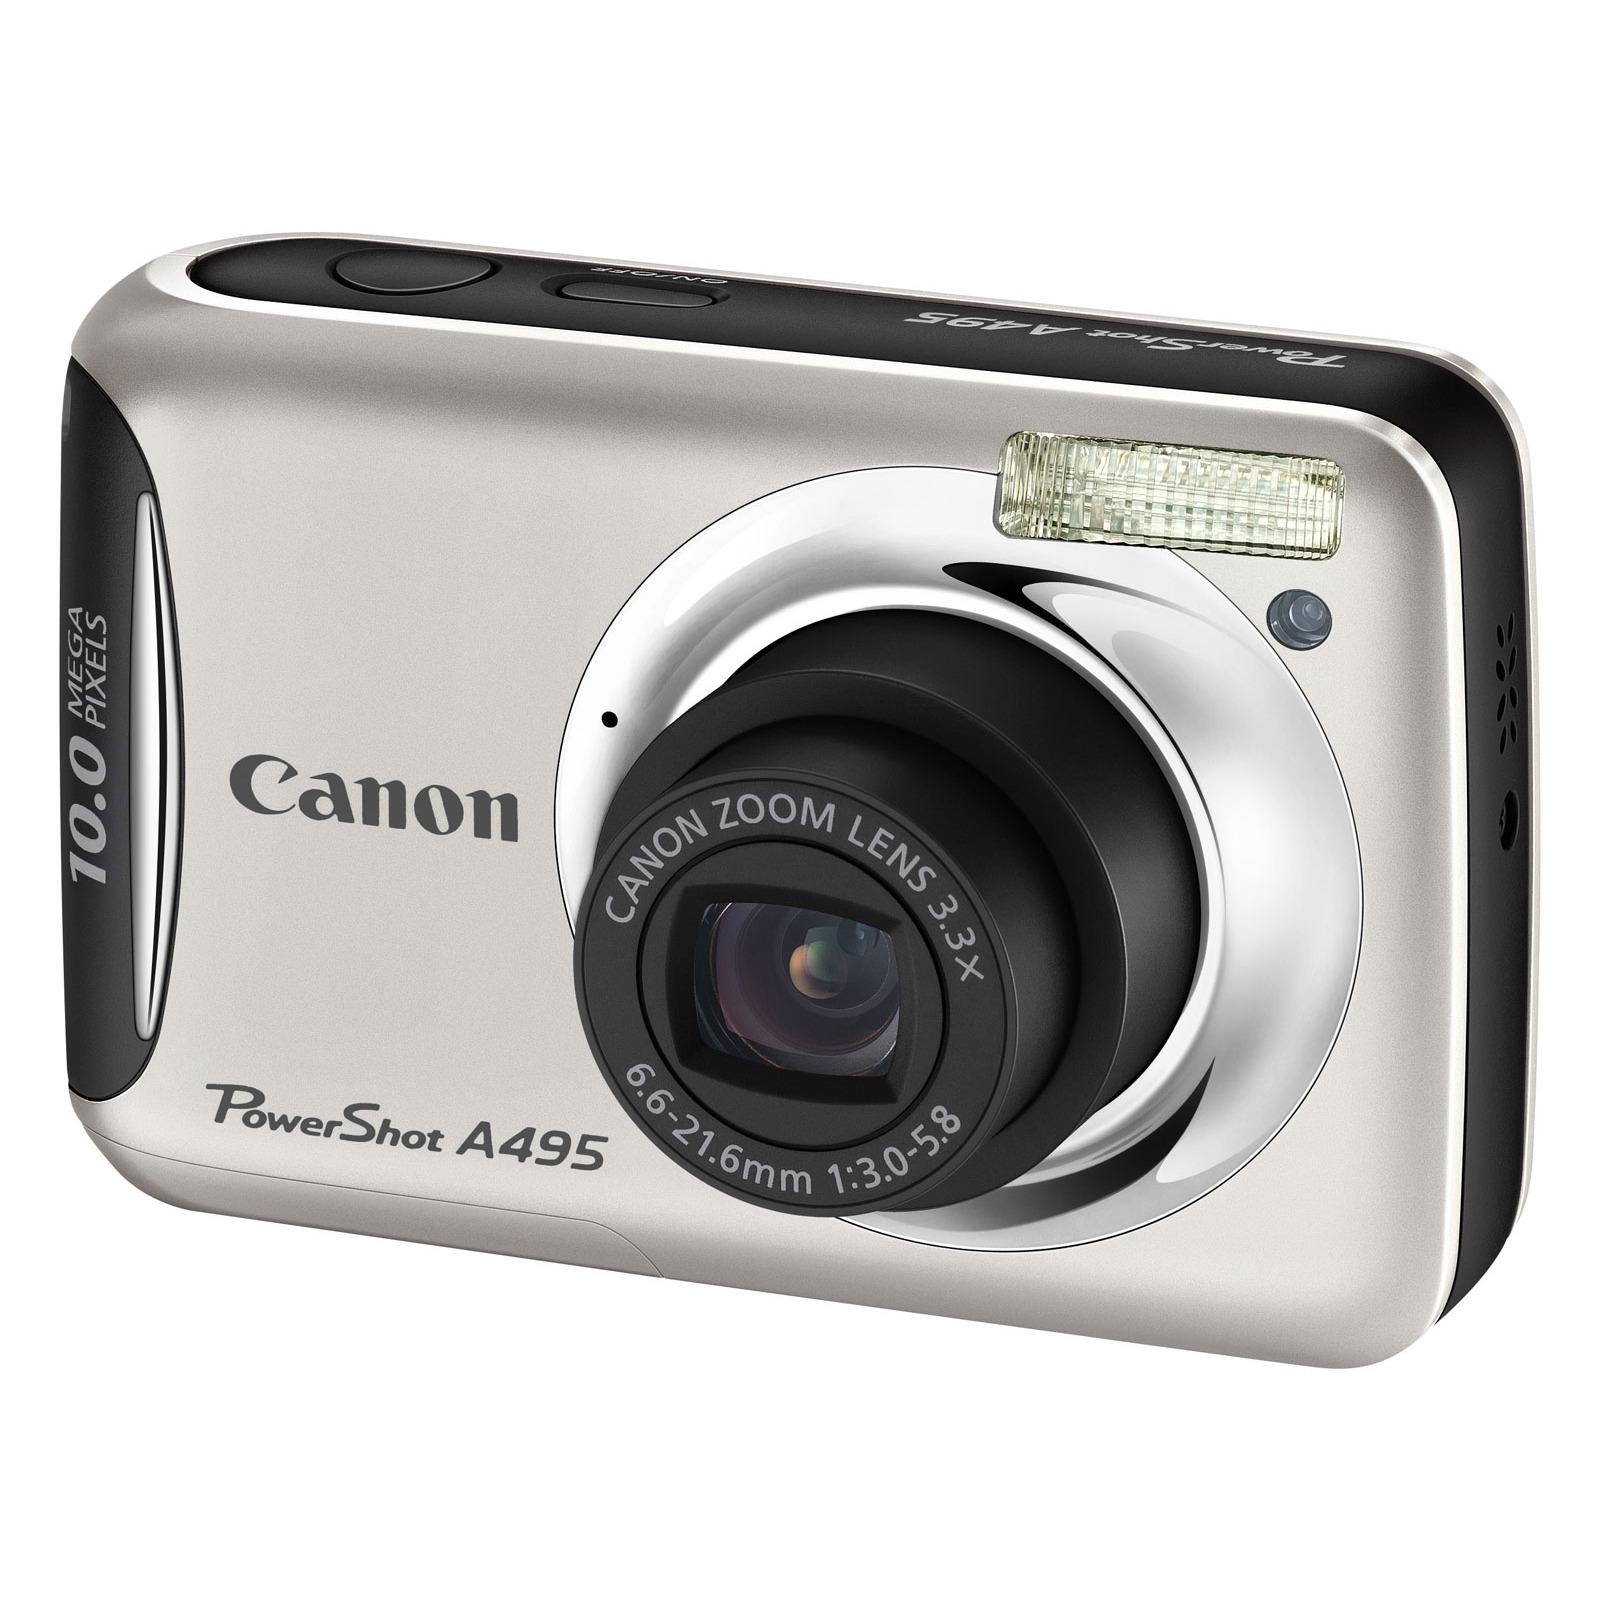 Canon powershot a495 argent housse canon dcc 480 for Housse appareil photo canon